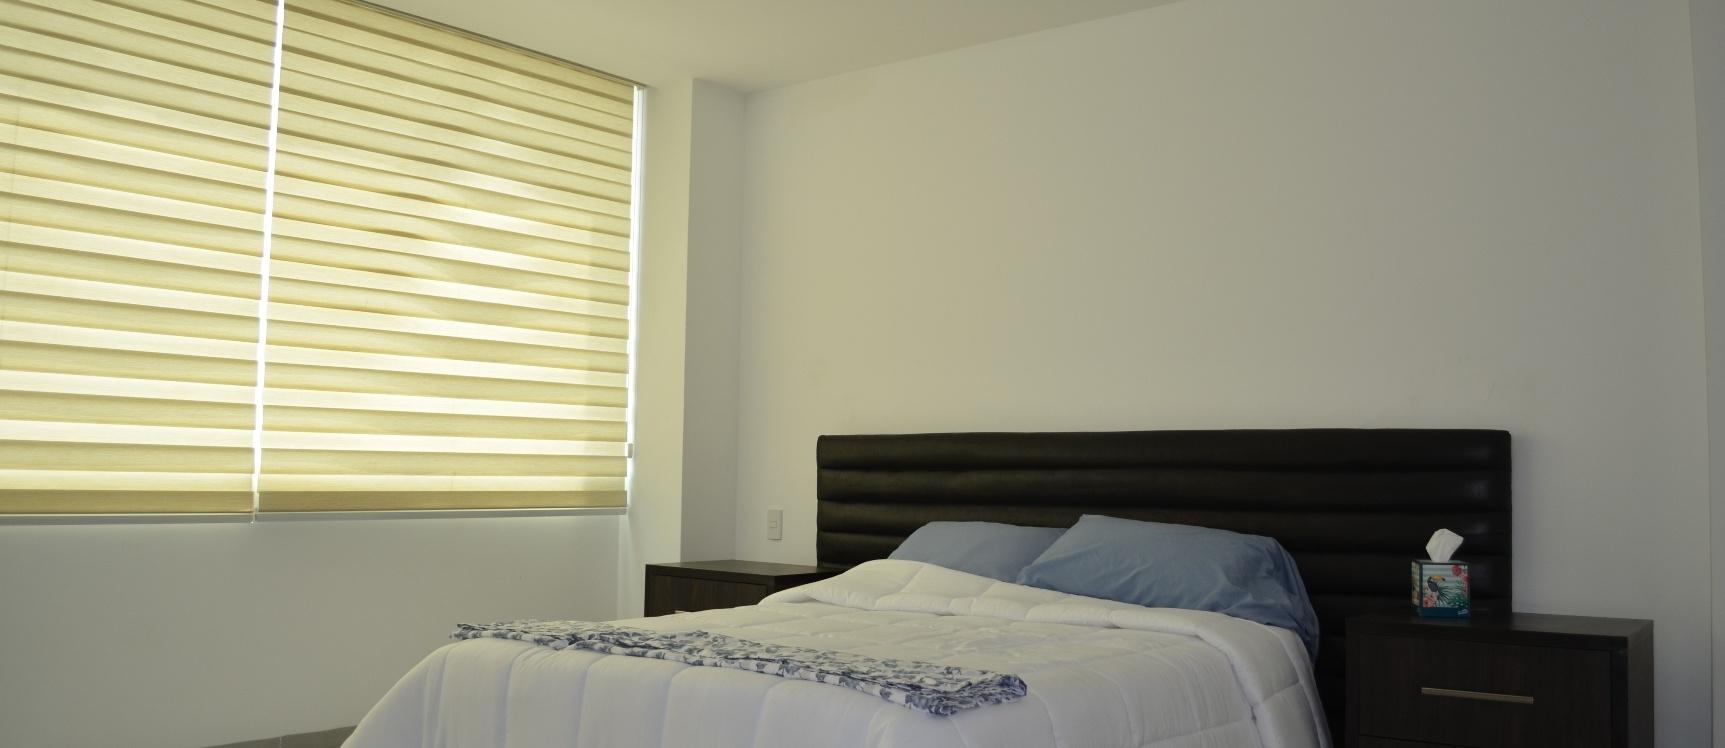 GeoBienes - Departamento en alquiler Edificio Quo norte Guayaquil - Plusvalia Guayaquil Casas de venta y alquiler Inmobiliaria Ecuador